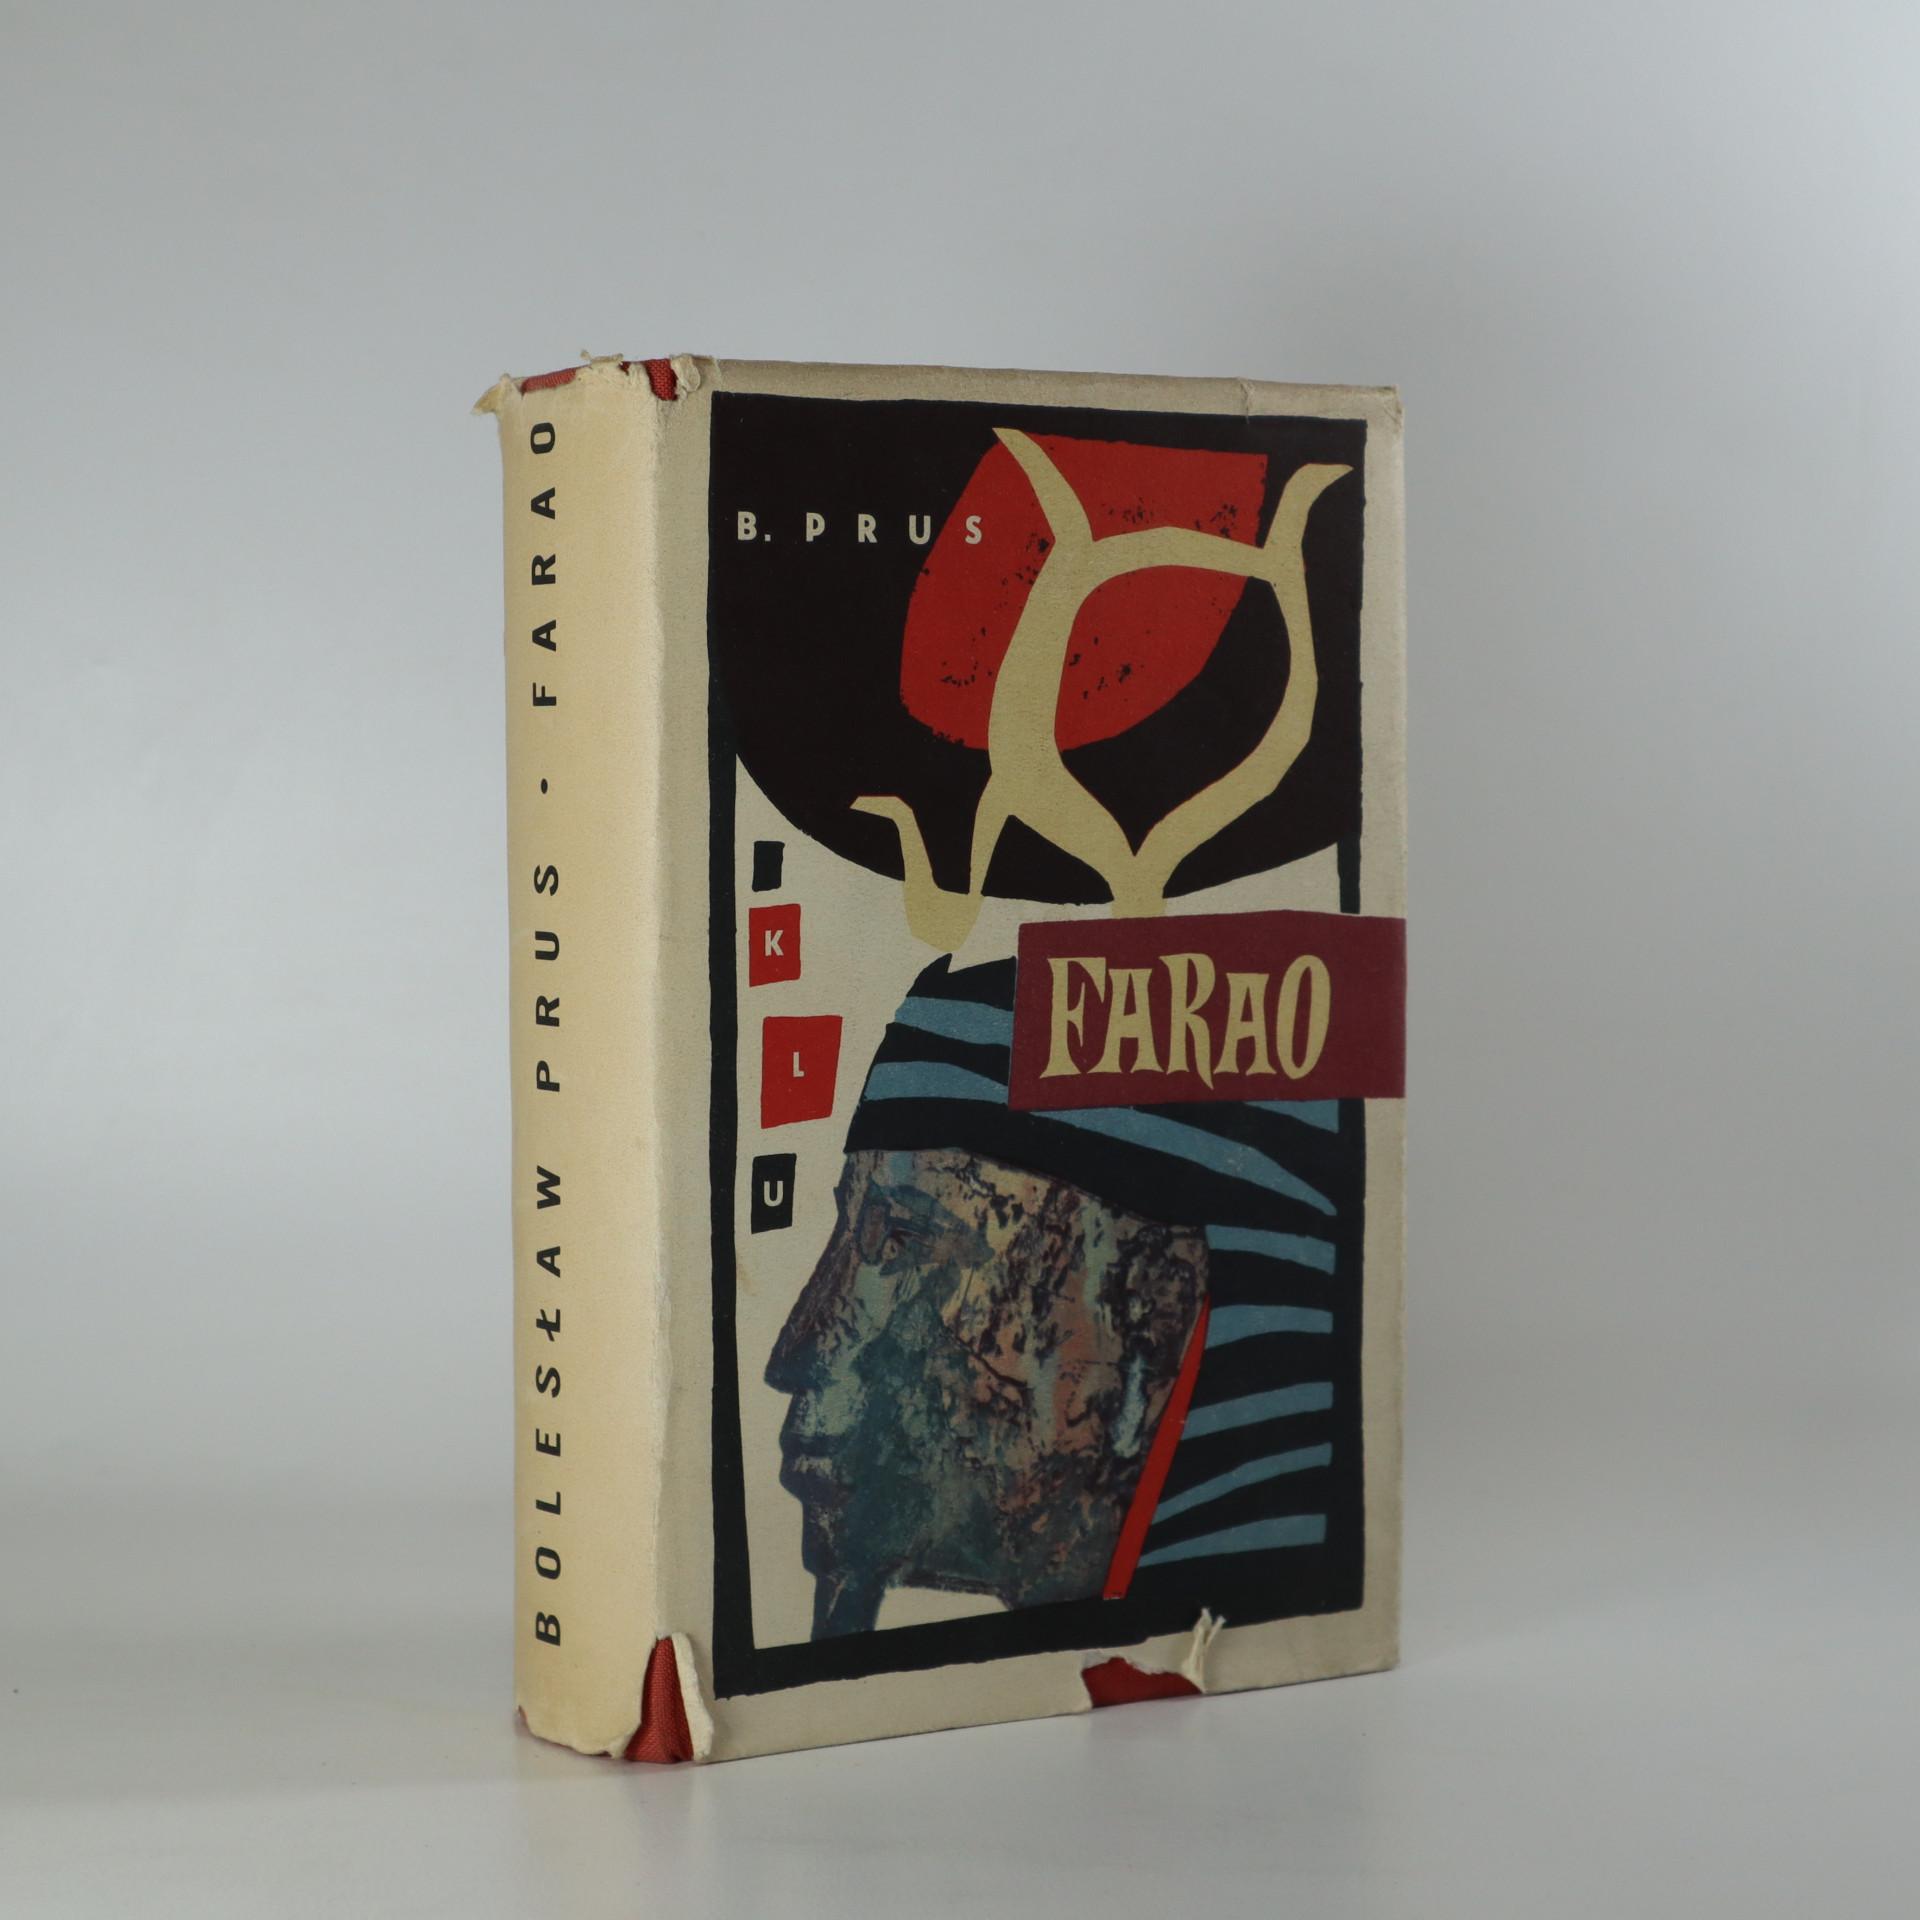 antikvární kniha Farao, 1962